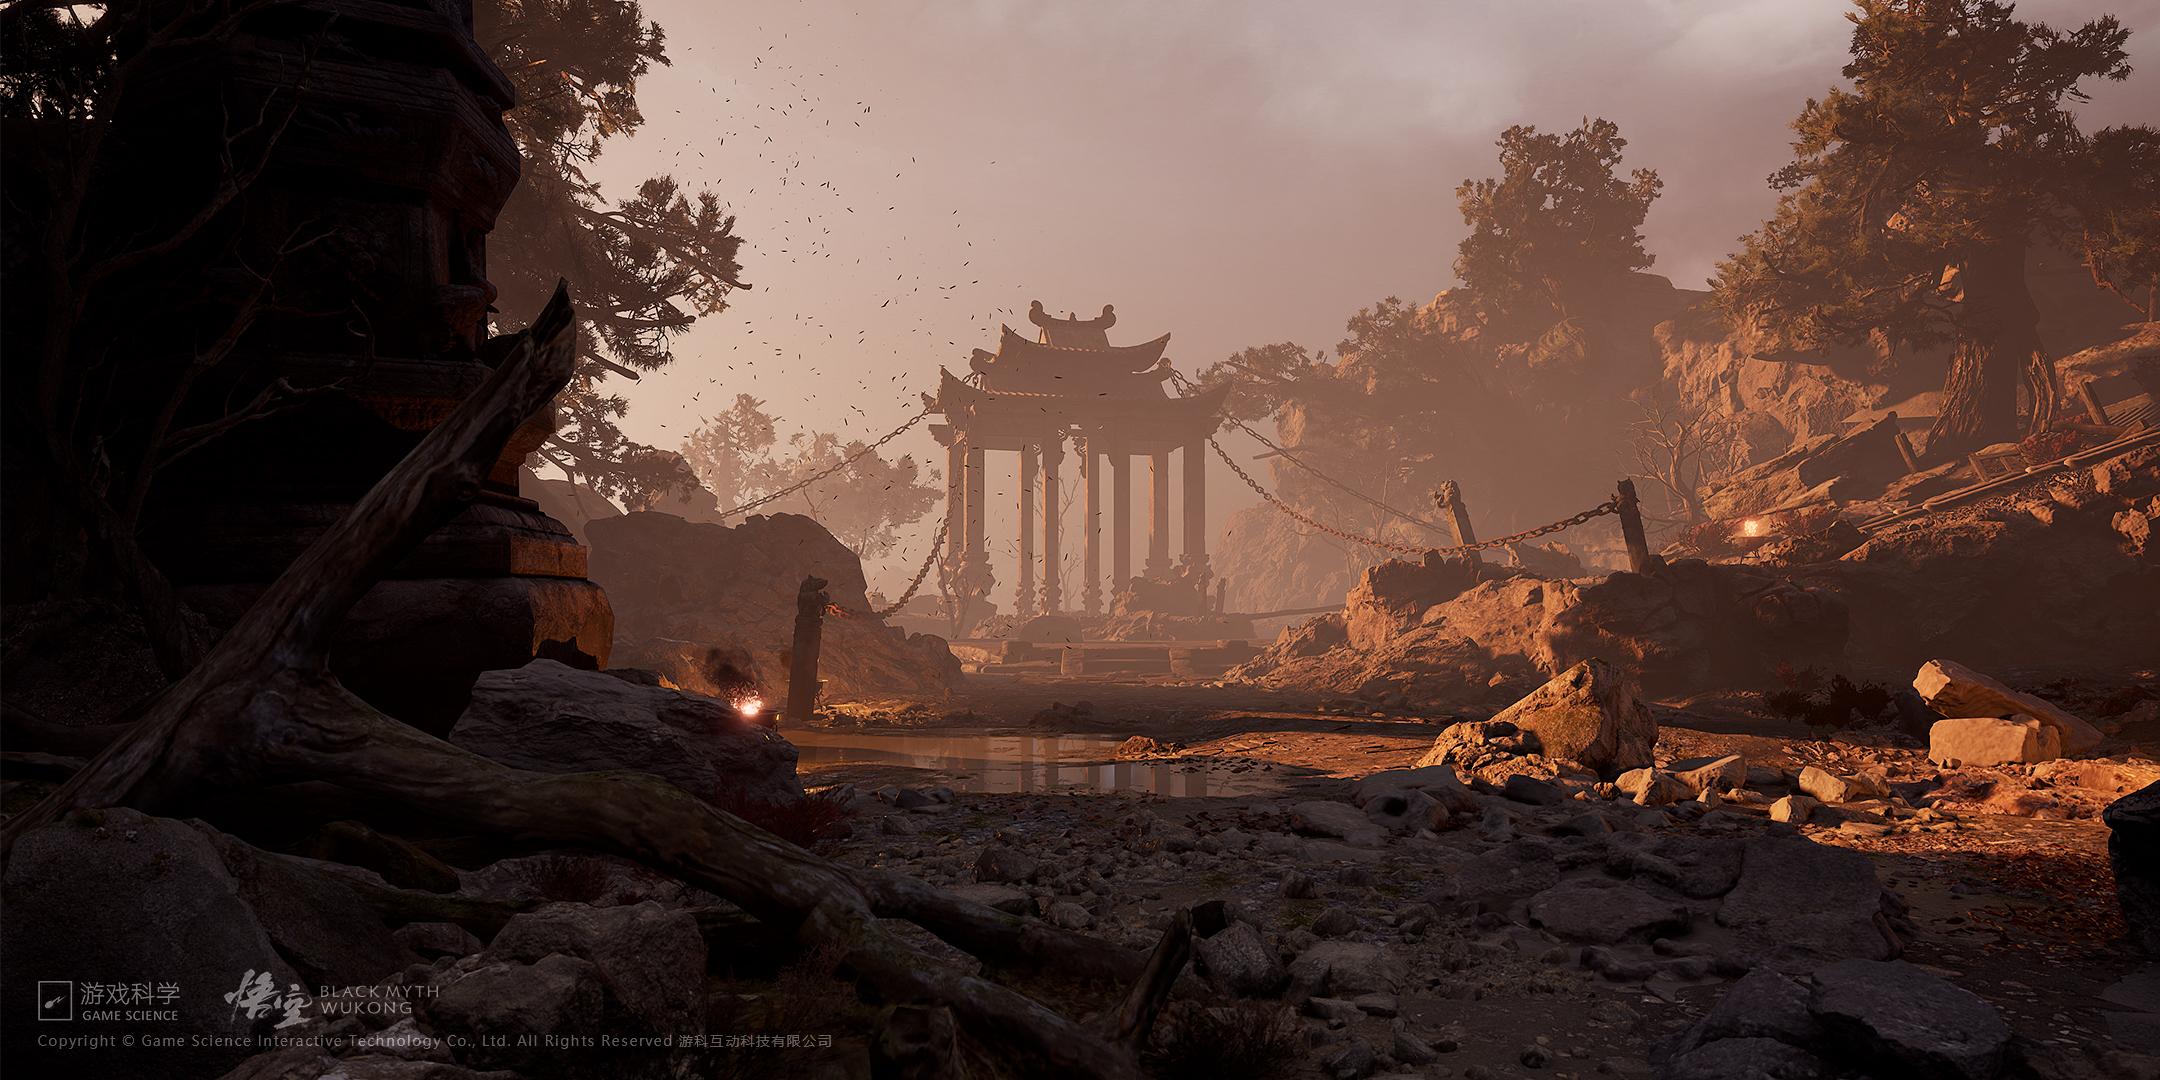 Black Myth: Wu Kong annunciato per Console e PC 17